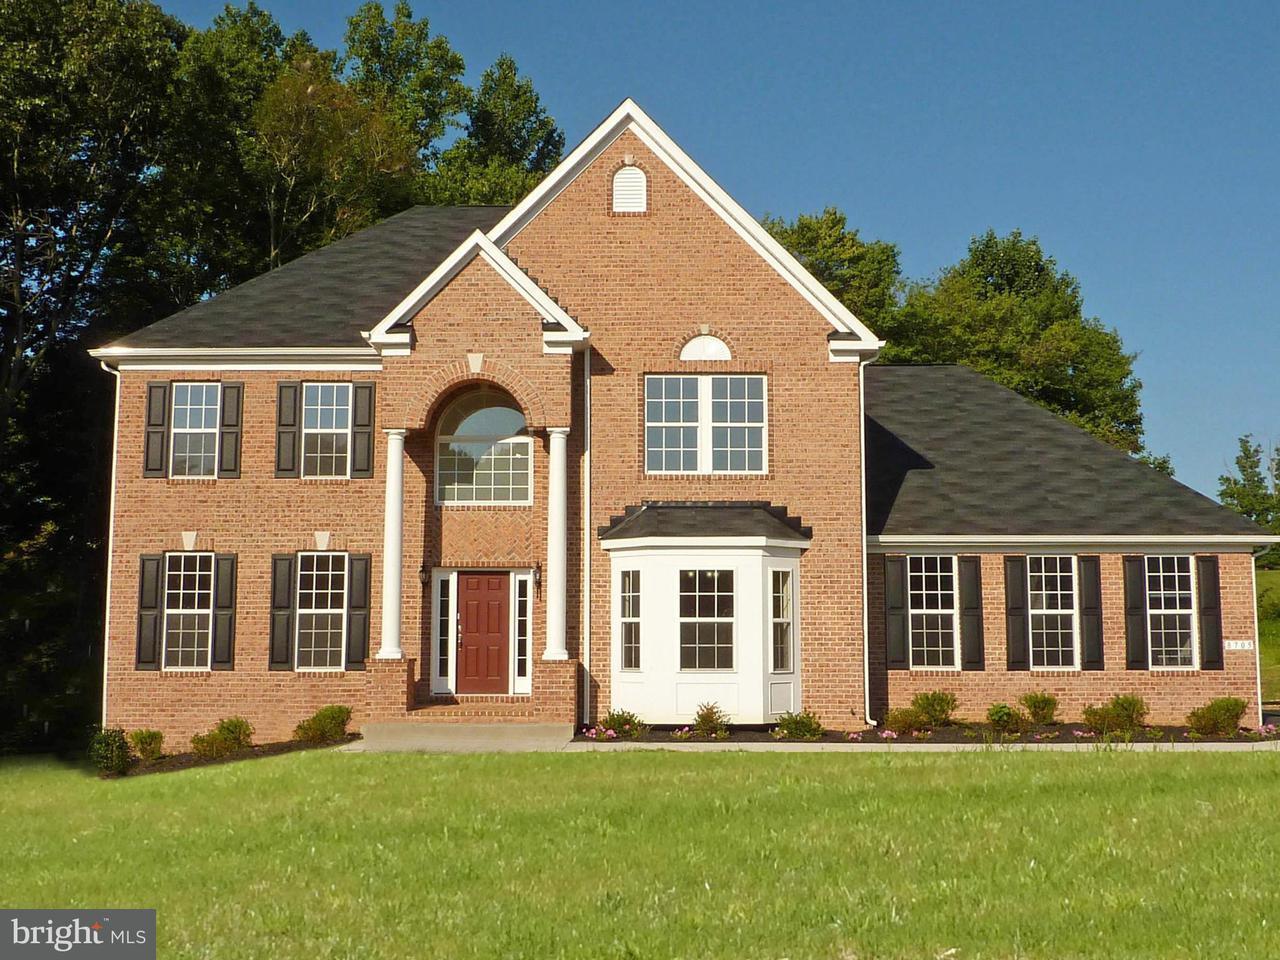 Частный односемейный дом для того Продажа на 2021A WHITEFORD Road 2021A WHITEFORD Road Whiteford, Мэриленд 21160 Соединенные Штаты